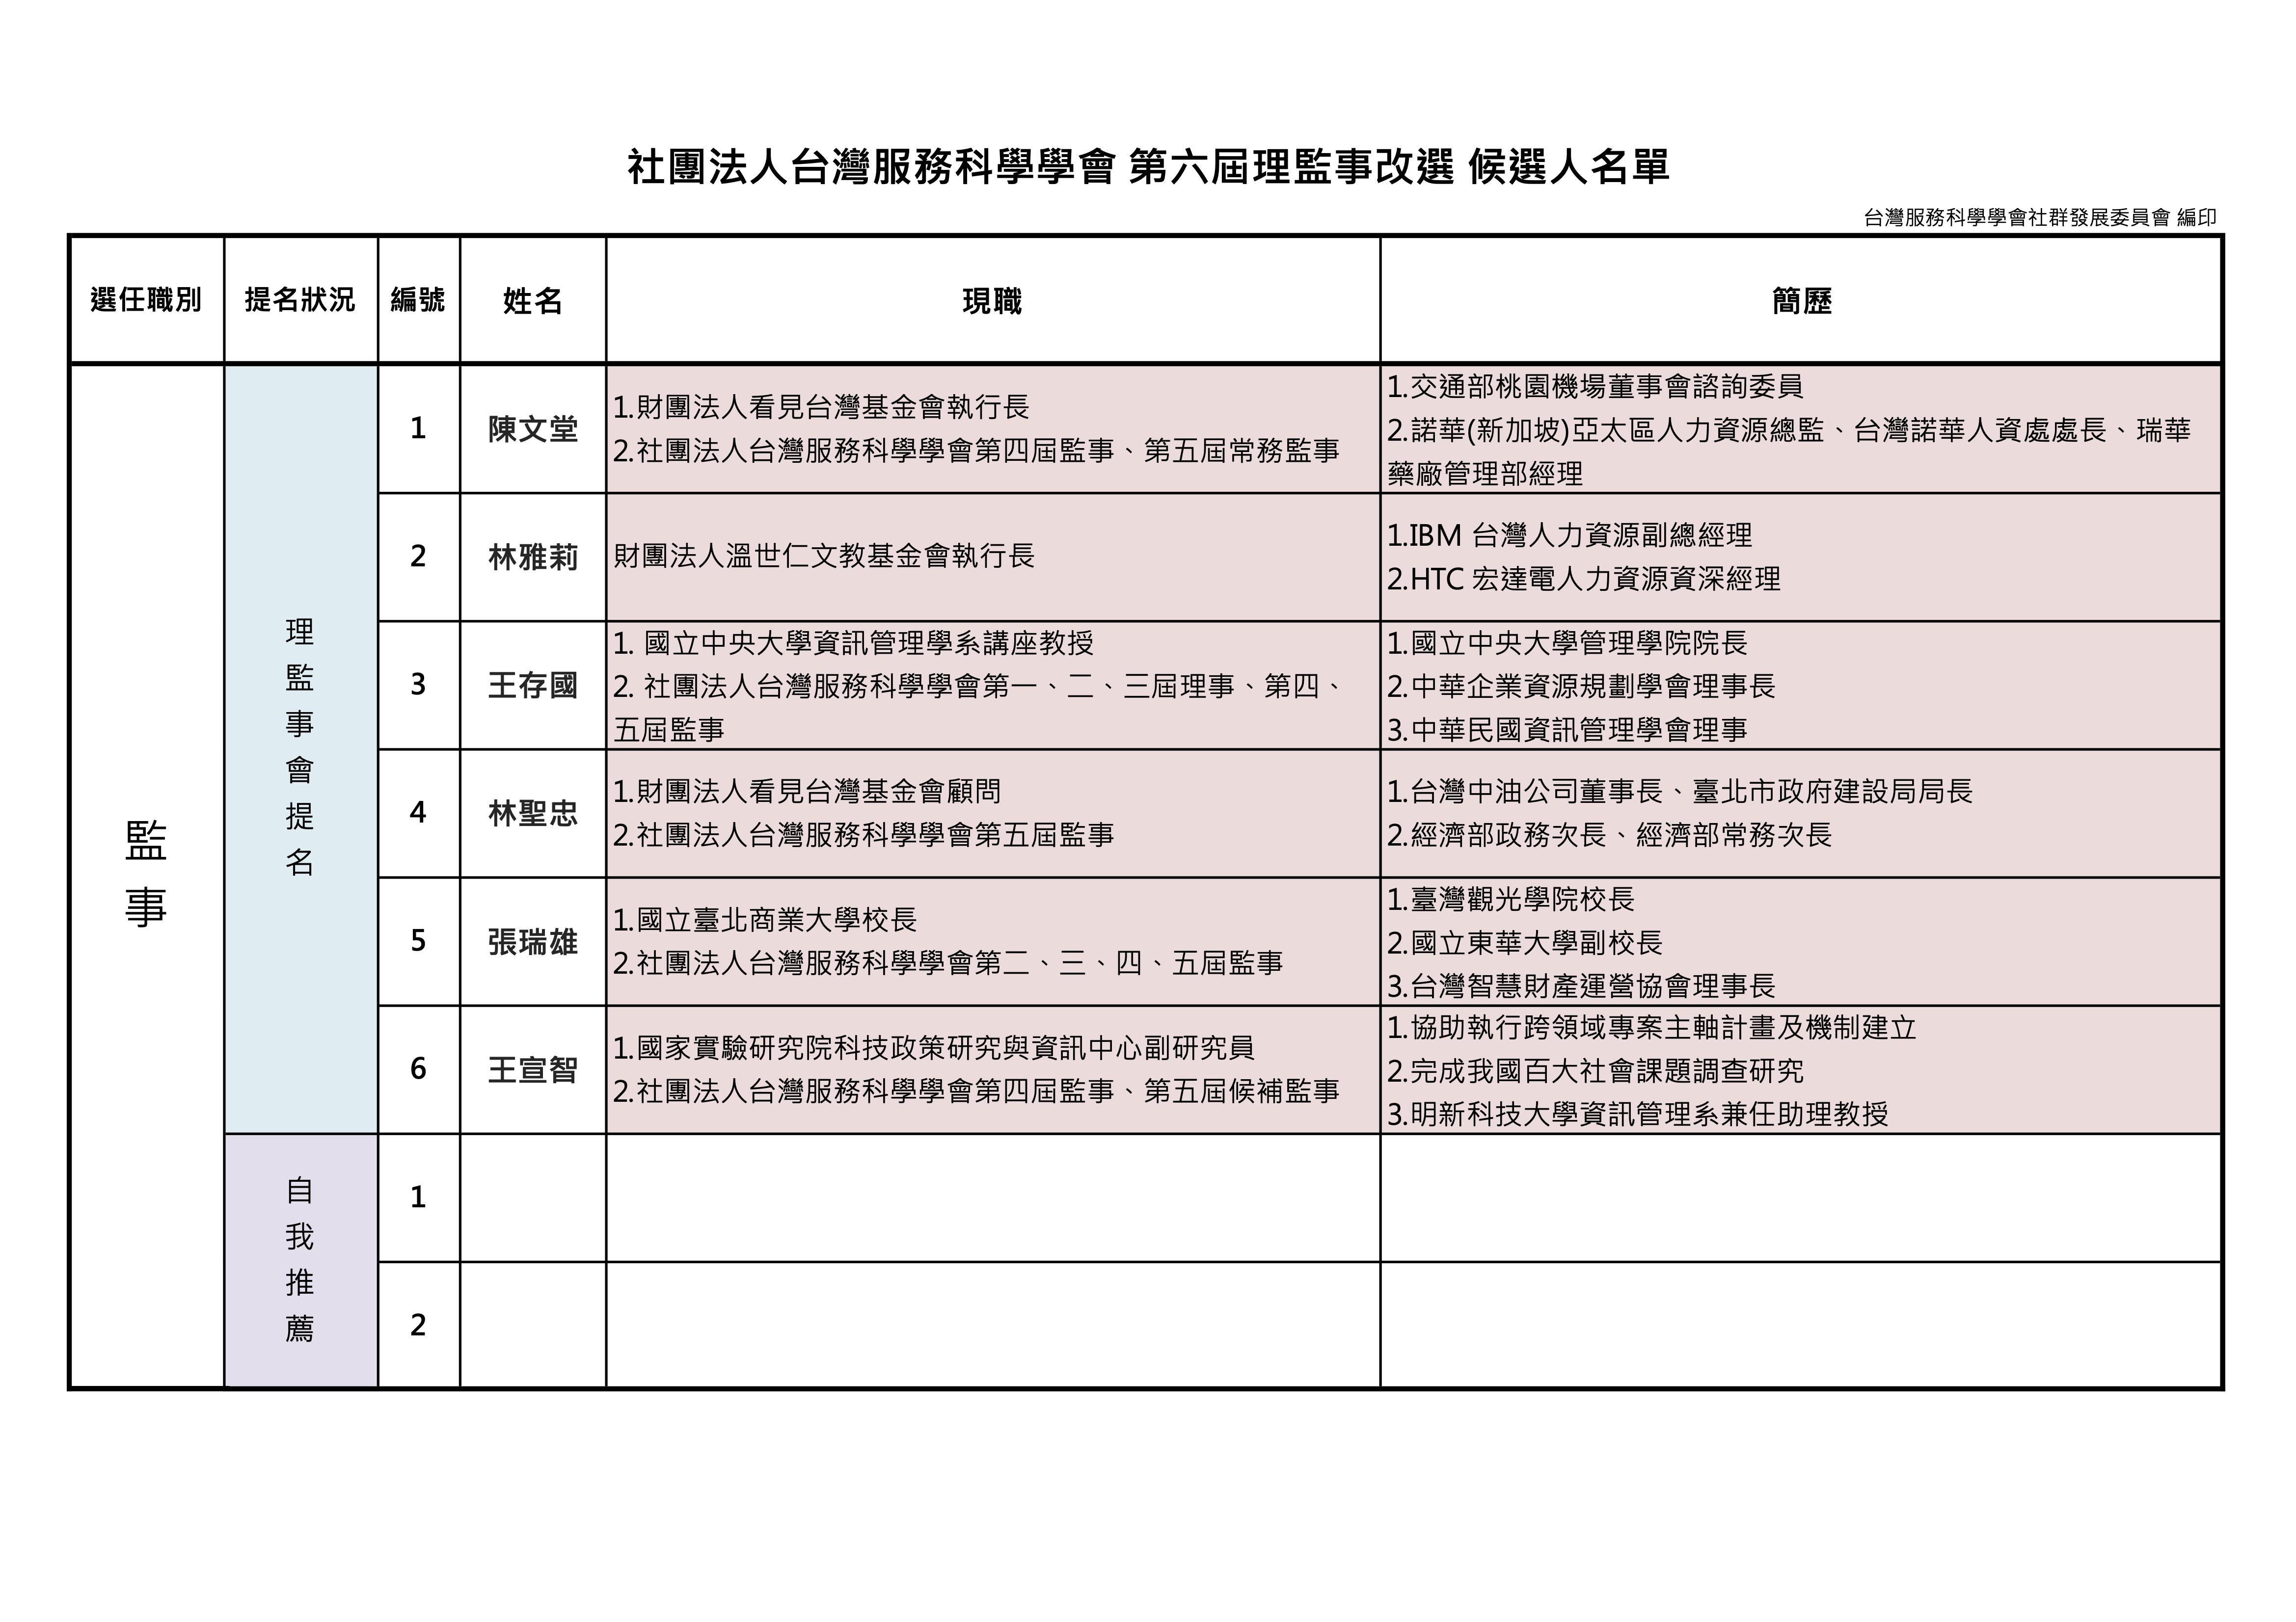 第六屆理監事改選選舉公報_監事.jpg